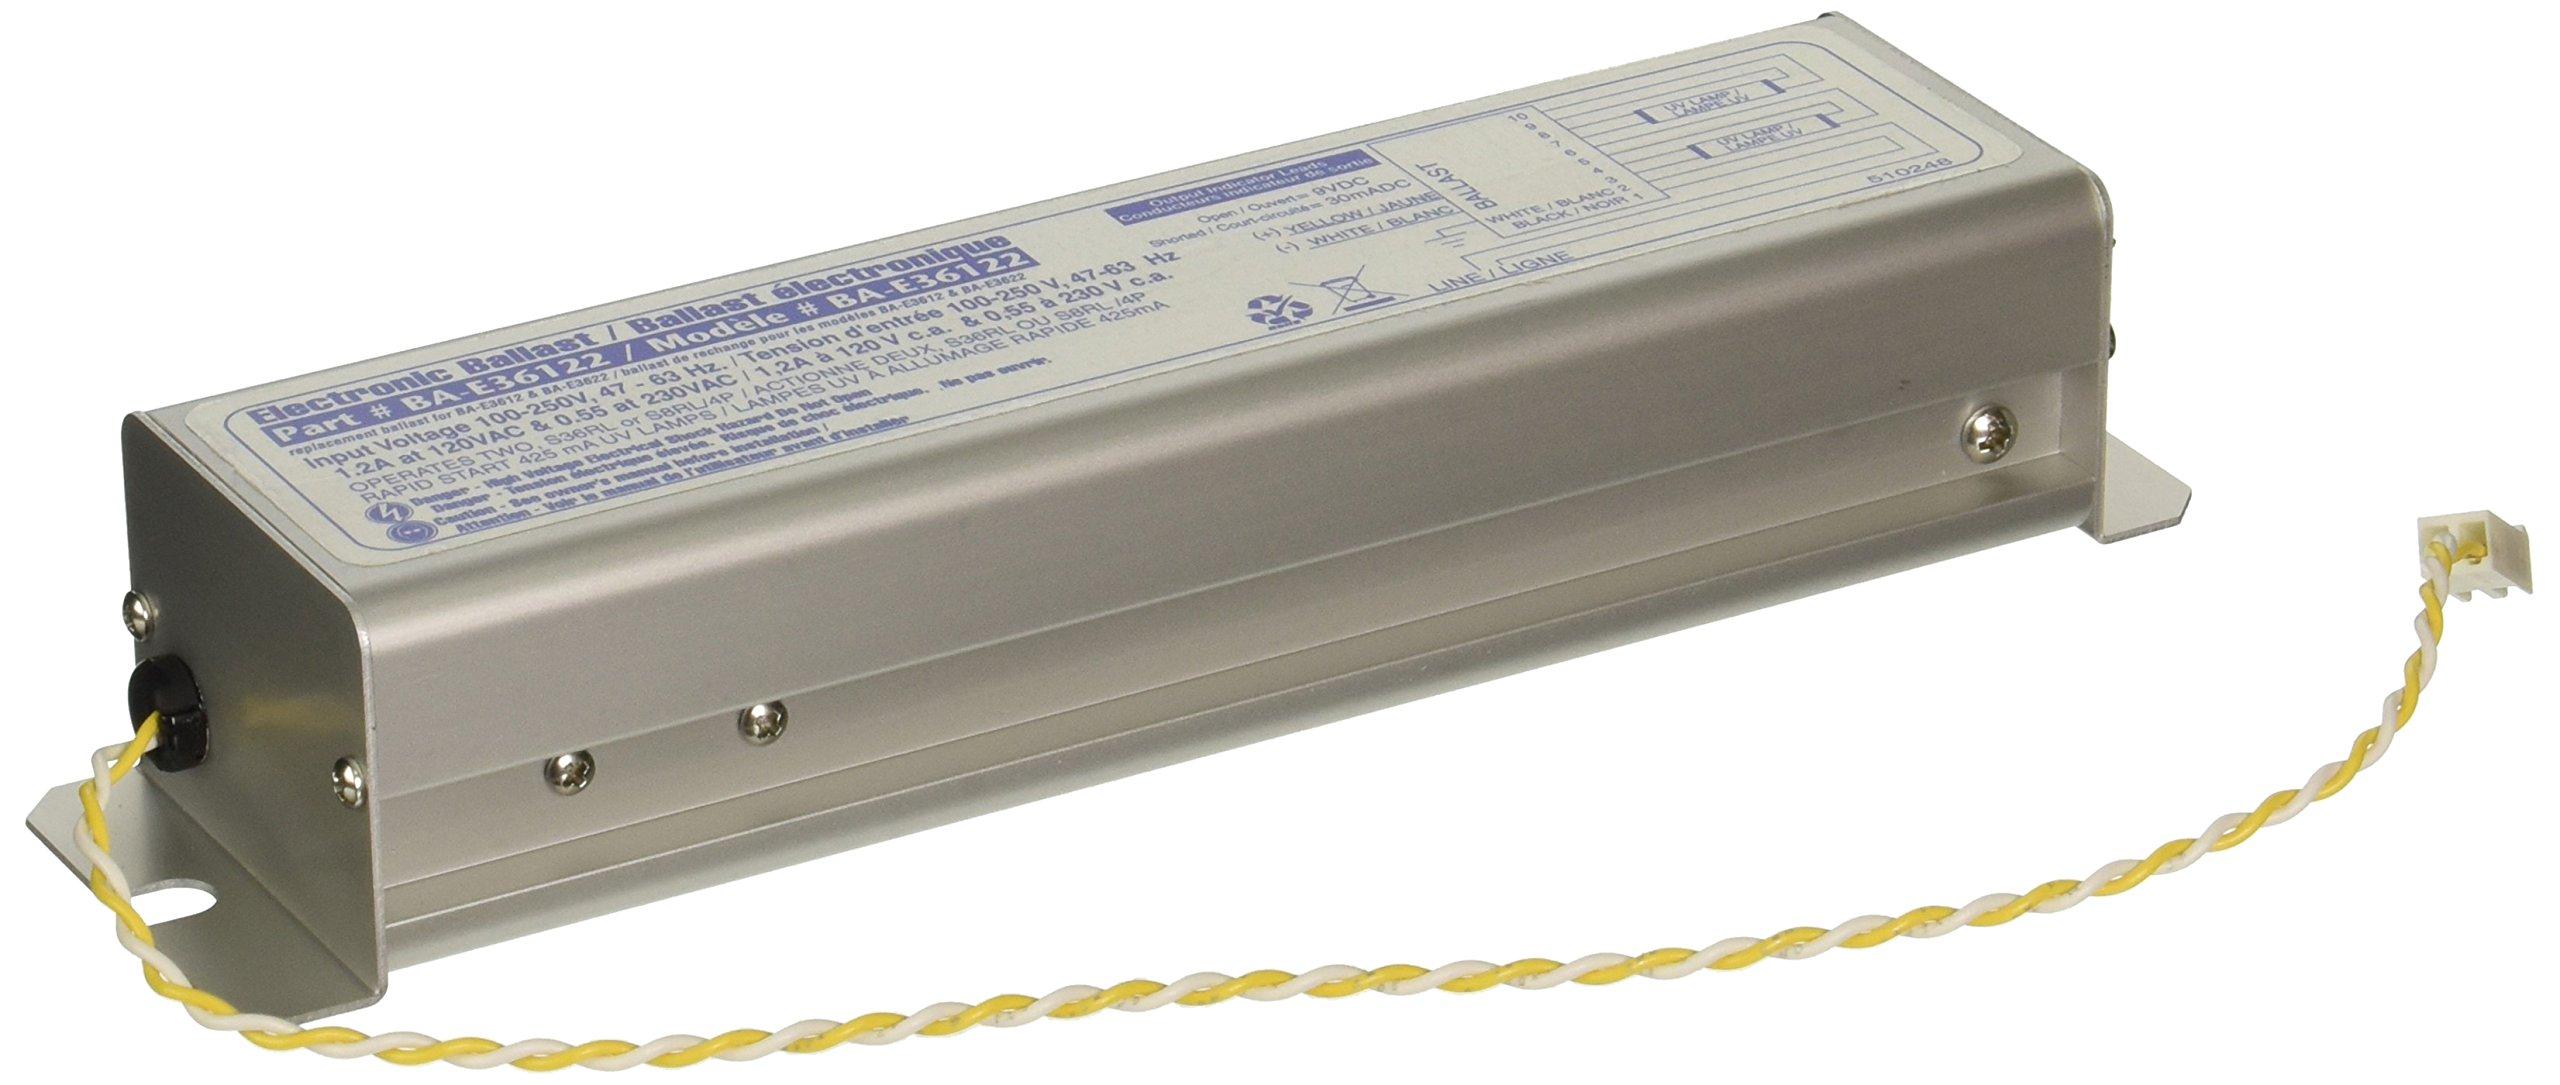 Sterilight BA-E36122 Replacement Ballast